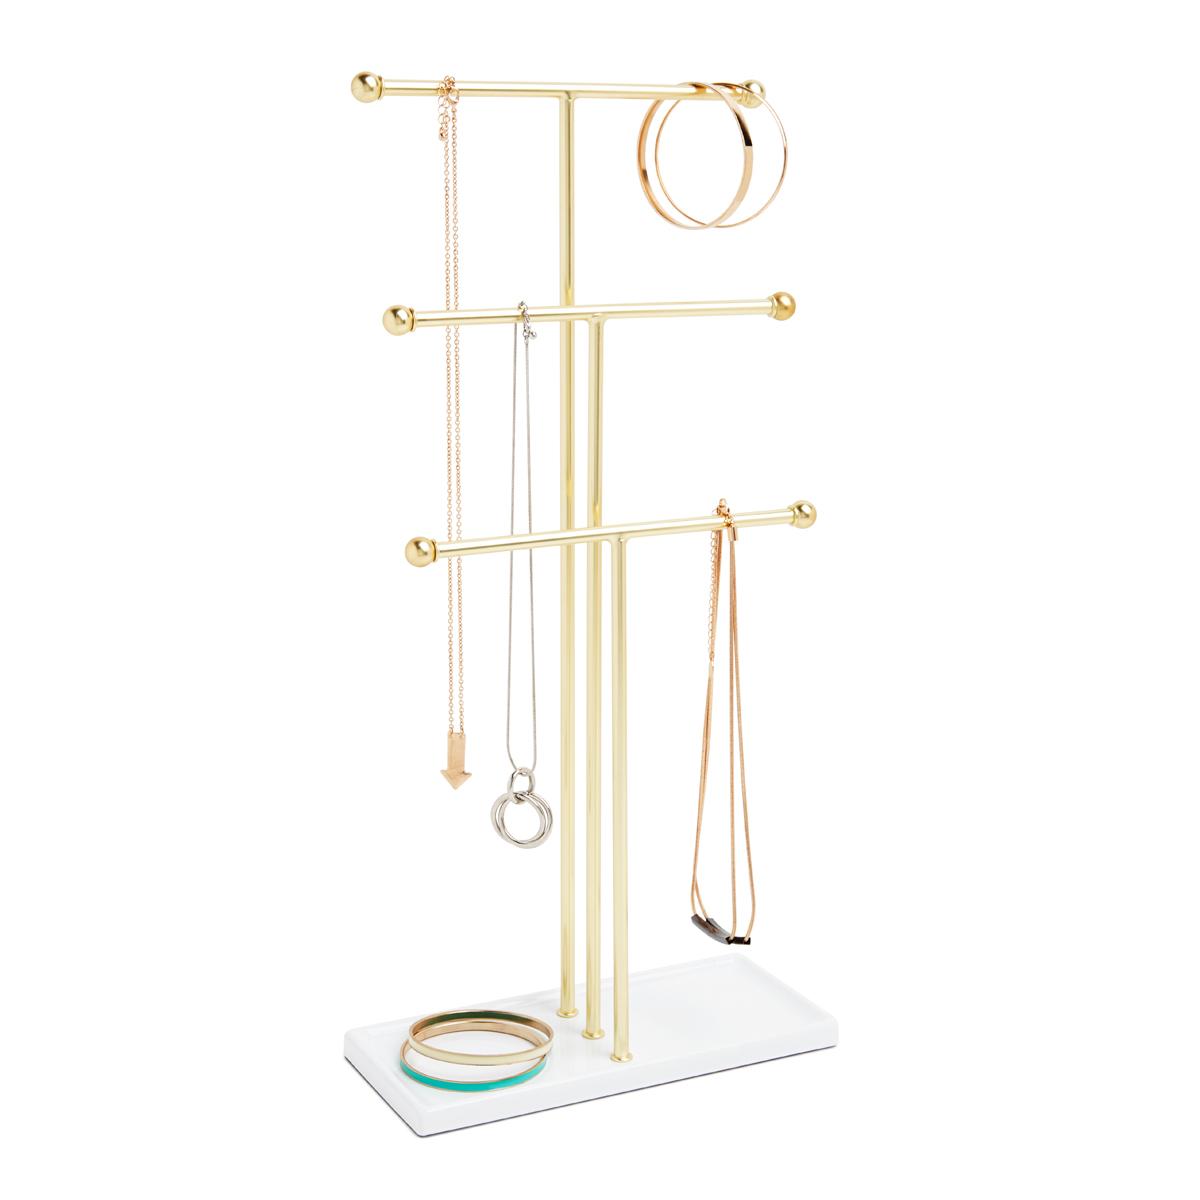 Органайзер для украшений Umbra Trigem41619Высокотехнологично и высокофункционально: трехъярусный держатель для украшений продуман для мелочей. Самый высокий - для бус, средний - для длинных сережек и цепочек, малый - для браслетов, сережек, колец. Плюс подставка держателя как дополнительное пространство для часов или клипс.Если ваши украшения хранятся в коробке или еще хуже - валяются в ящике стола, то самое время организовать их!